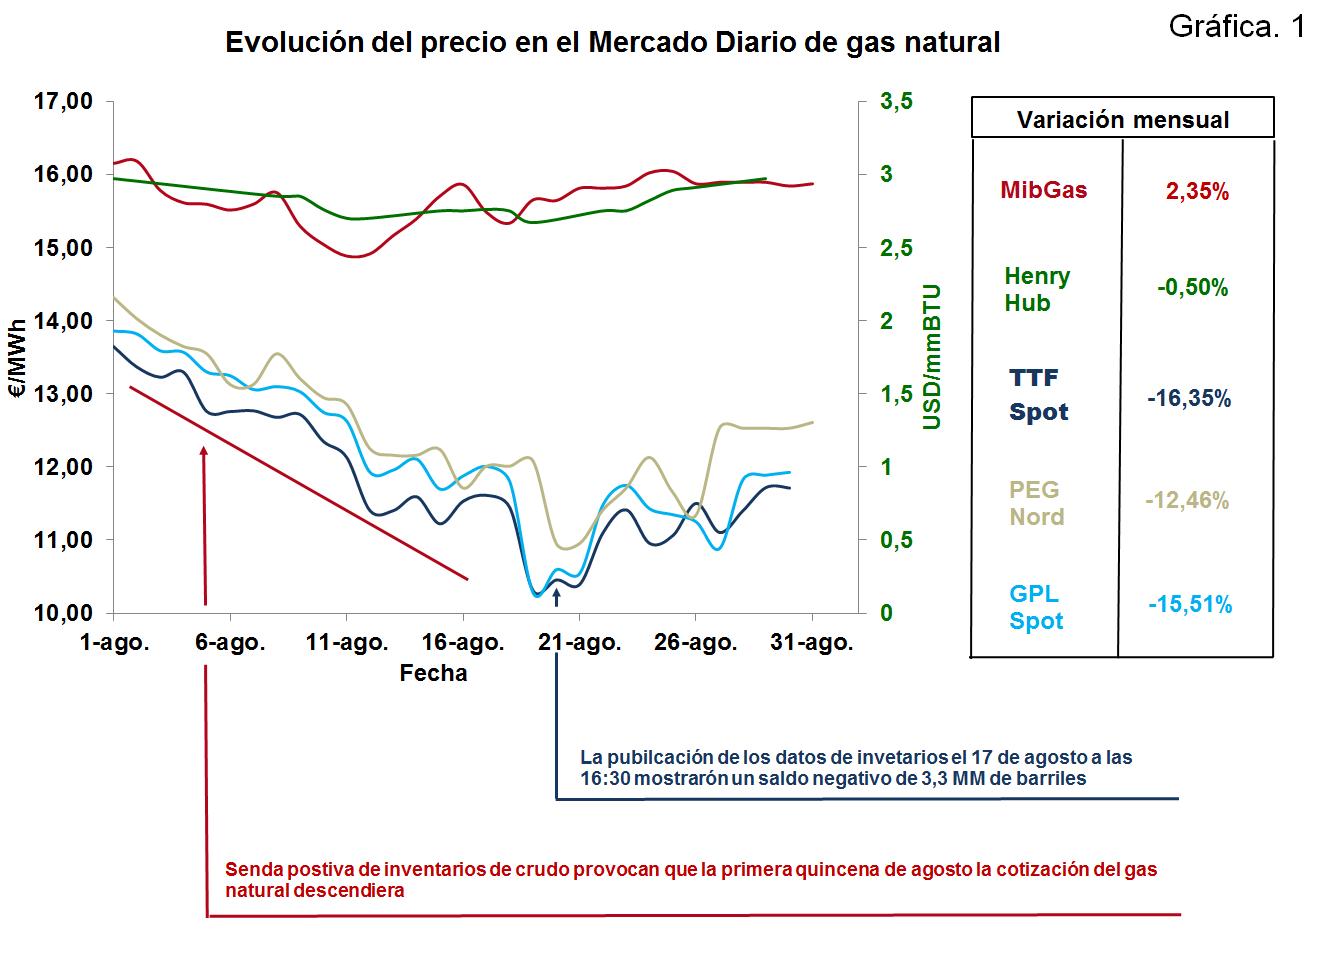 Evolución del precio en el Mercado Diario de gas natural